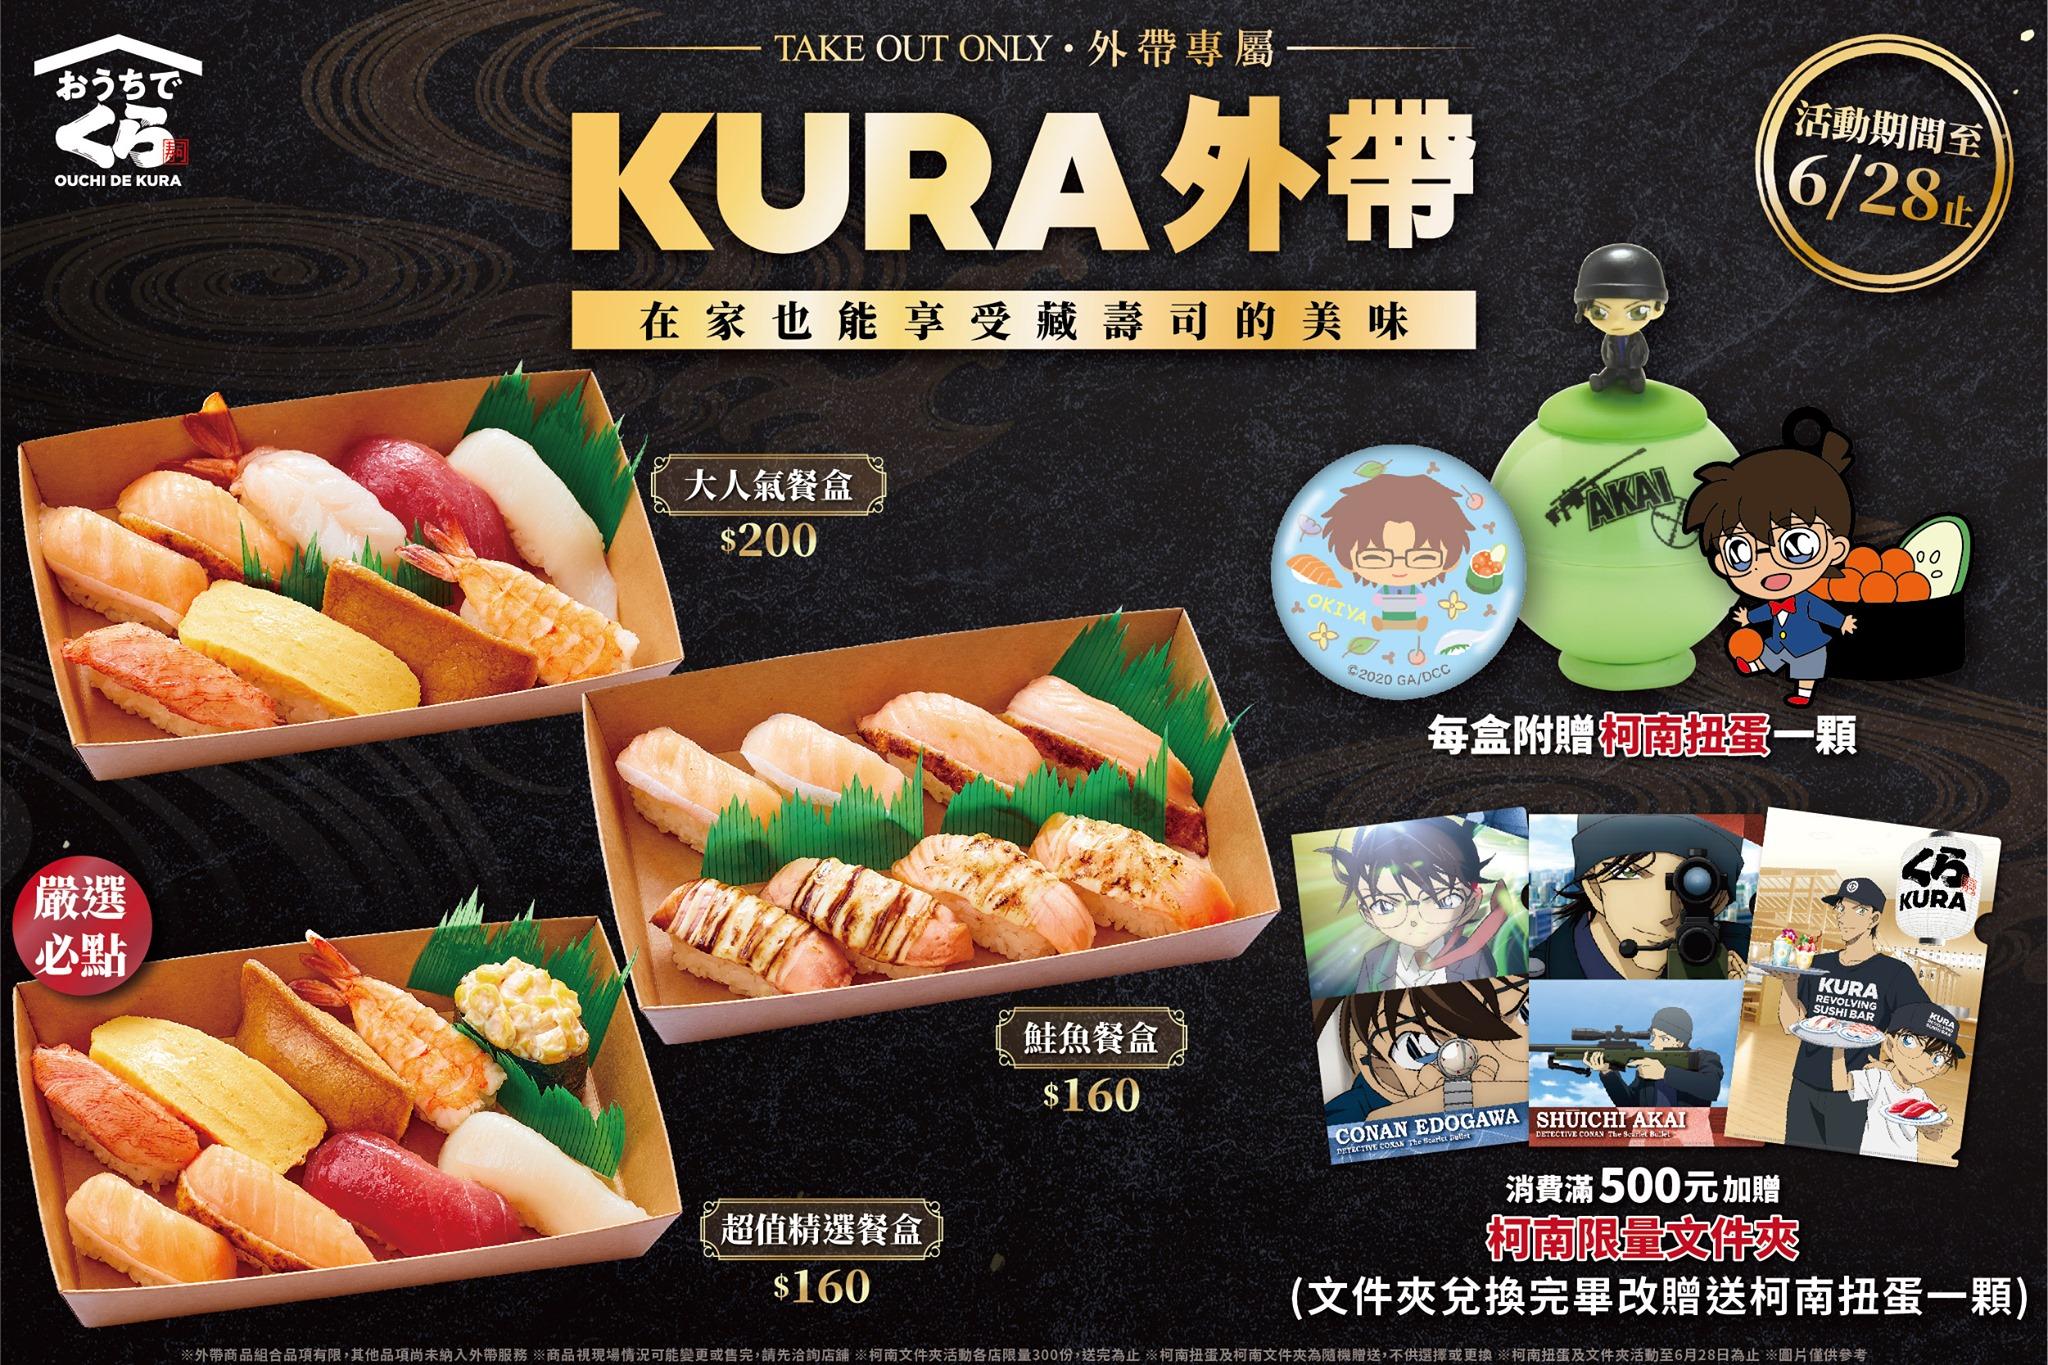 外帶壽司餐盒,藏壽司買一送一扭蛋,6款美味人氣壽司餐盒任你選,滿500再送文件夾或扭蛋!! @緹雅瑪 美食旅遊趣